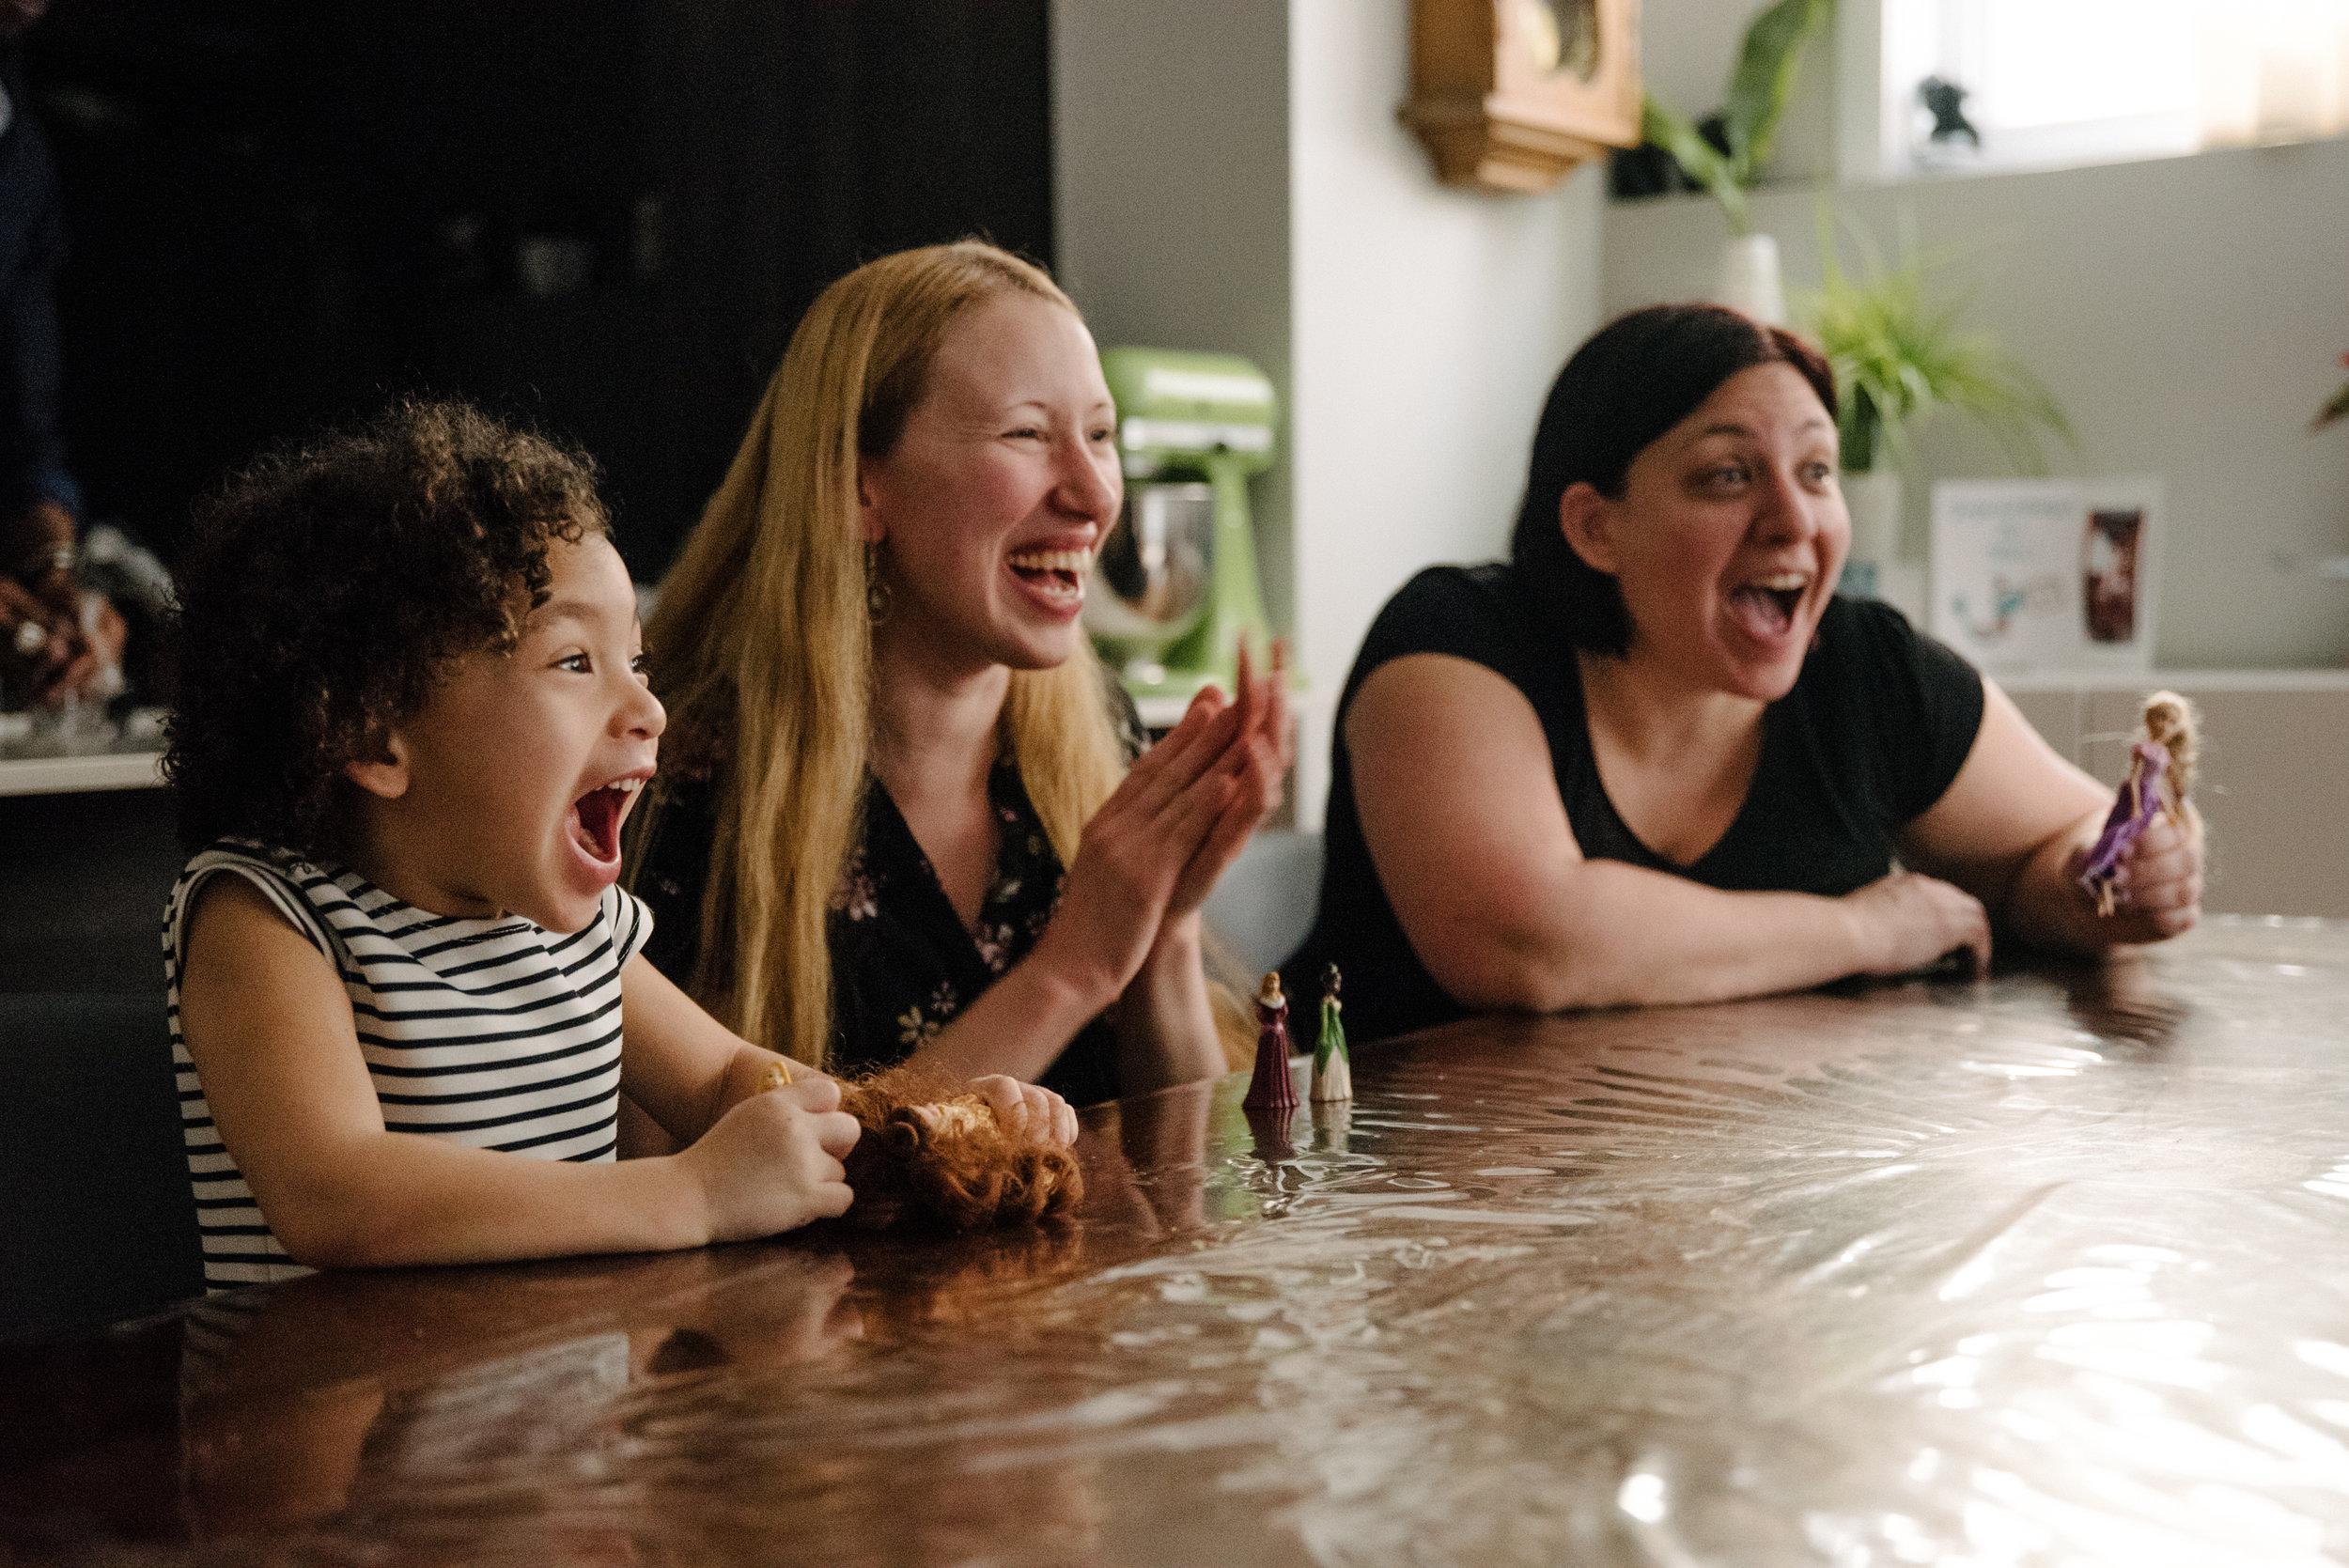 photo-de-soccer-sur-table-avec-des-poupees-photographe-de-famille-a-montreal-marianne-charland-936.jpg